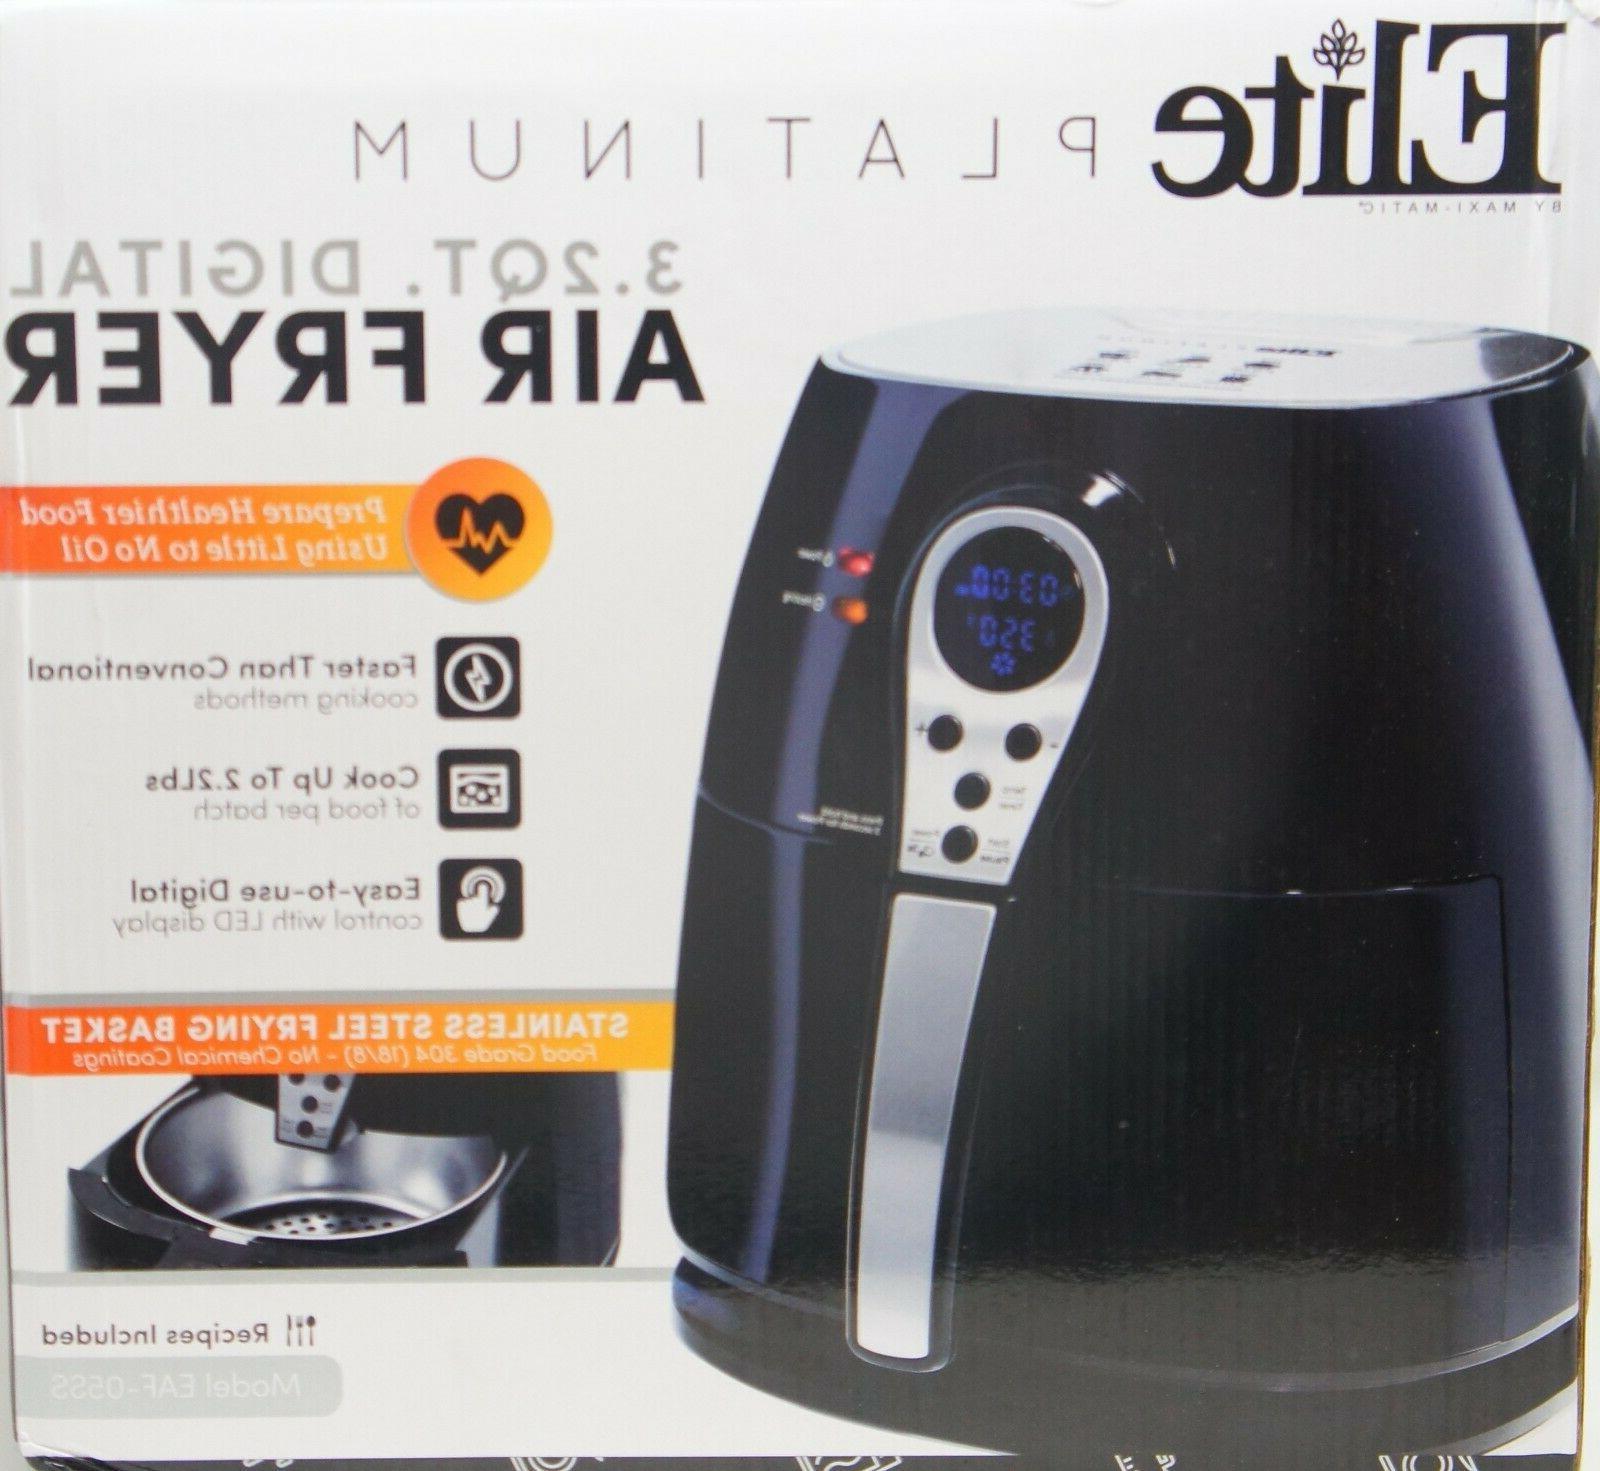 eaf 05ss air fryer cooker